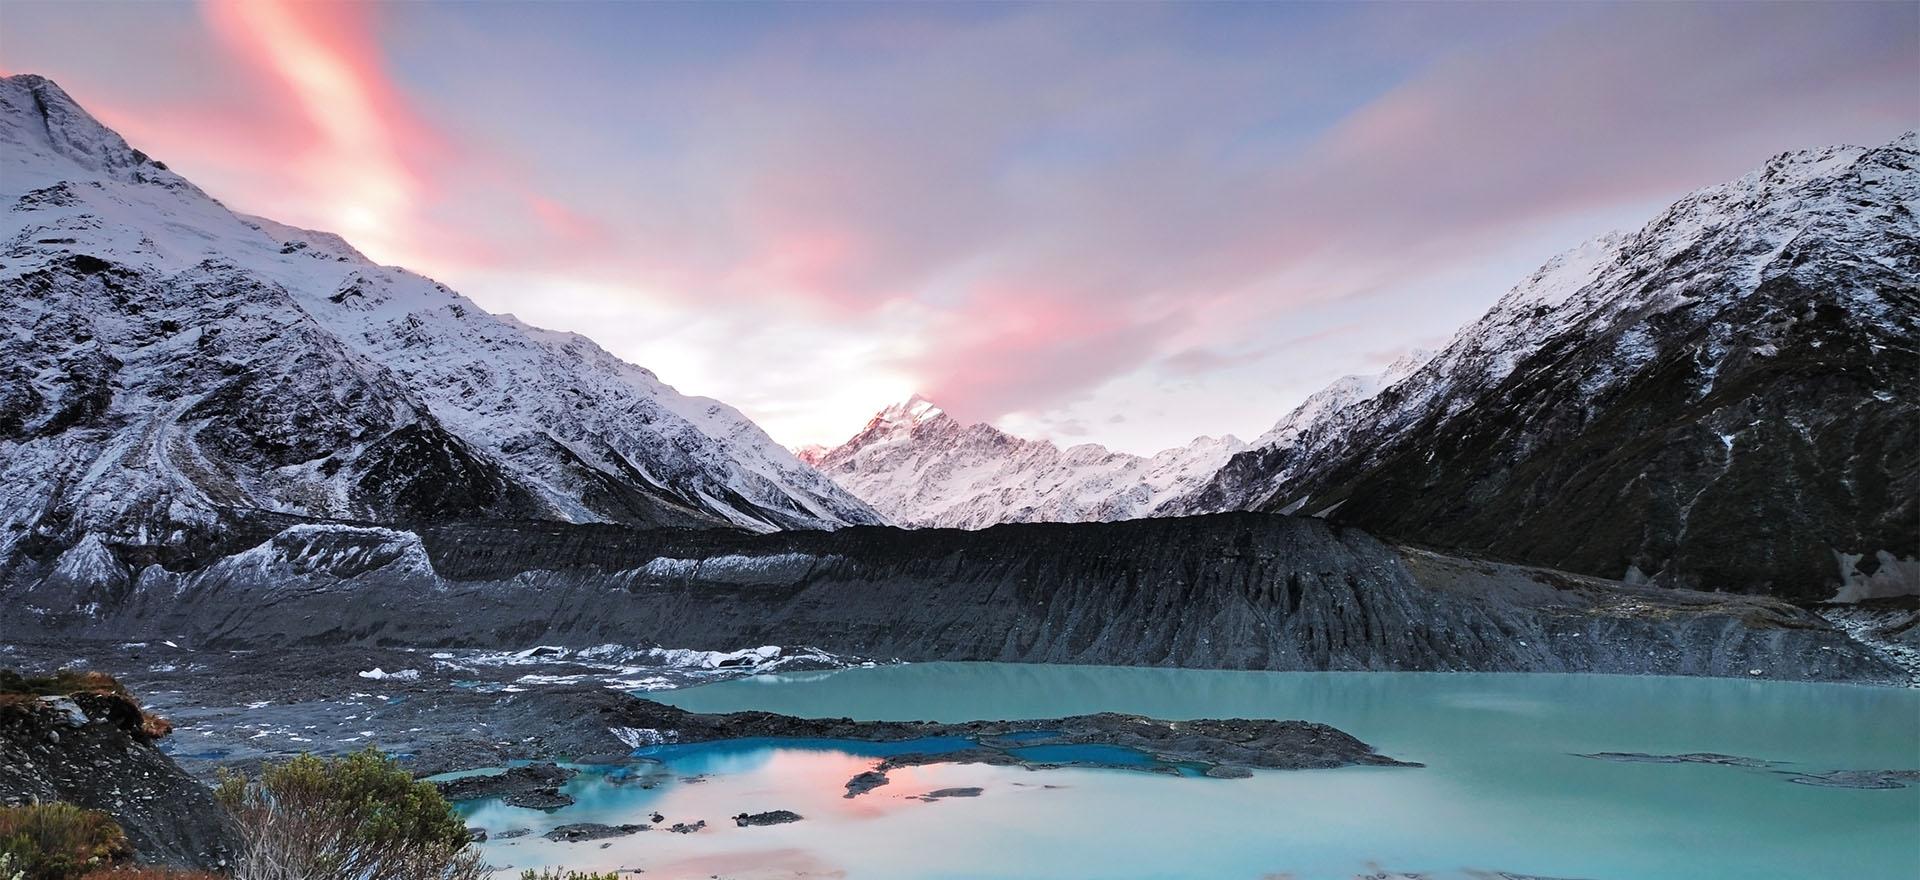 Snowy peaks of Mount Cook